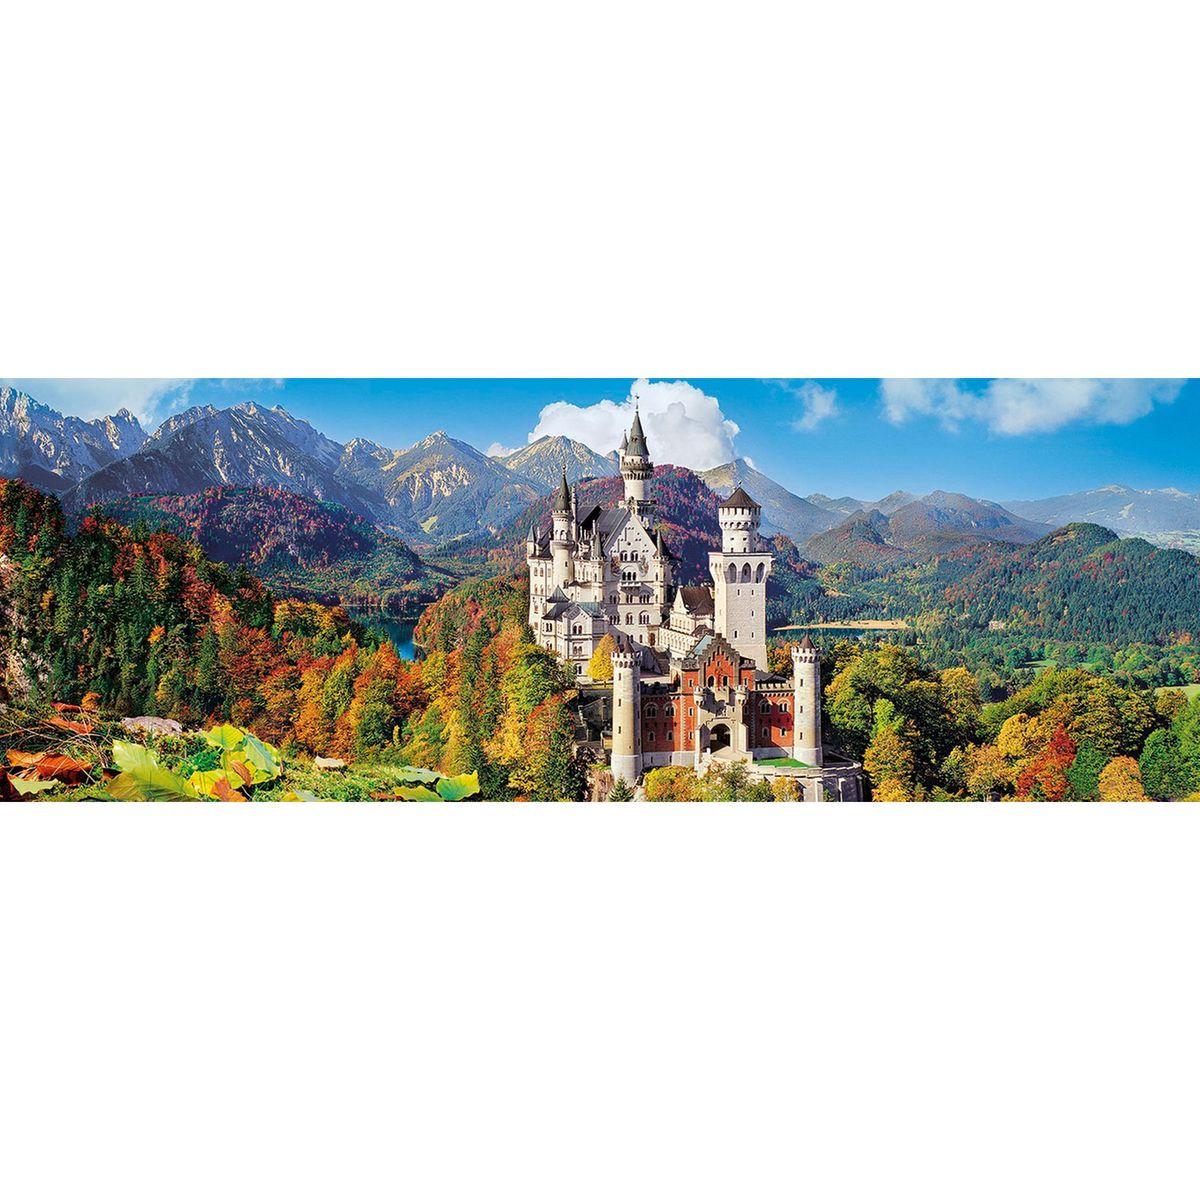 Puzzle Panoramique 1000 pièces : Château de Neuschwanstein